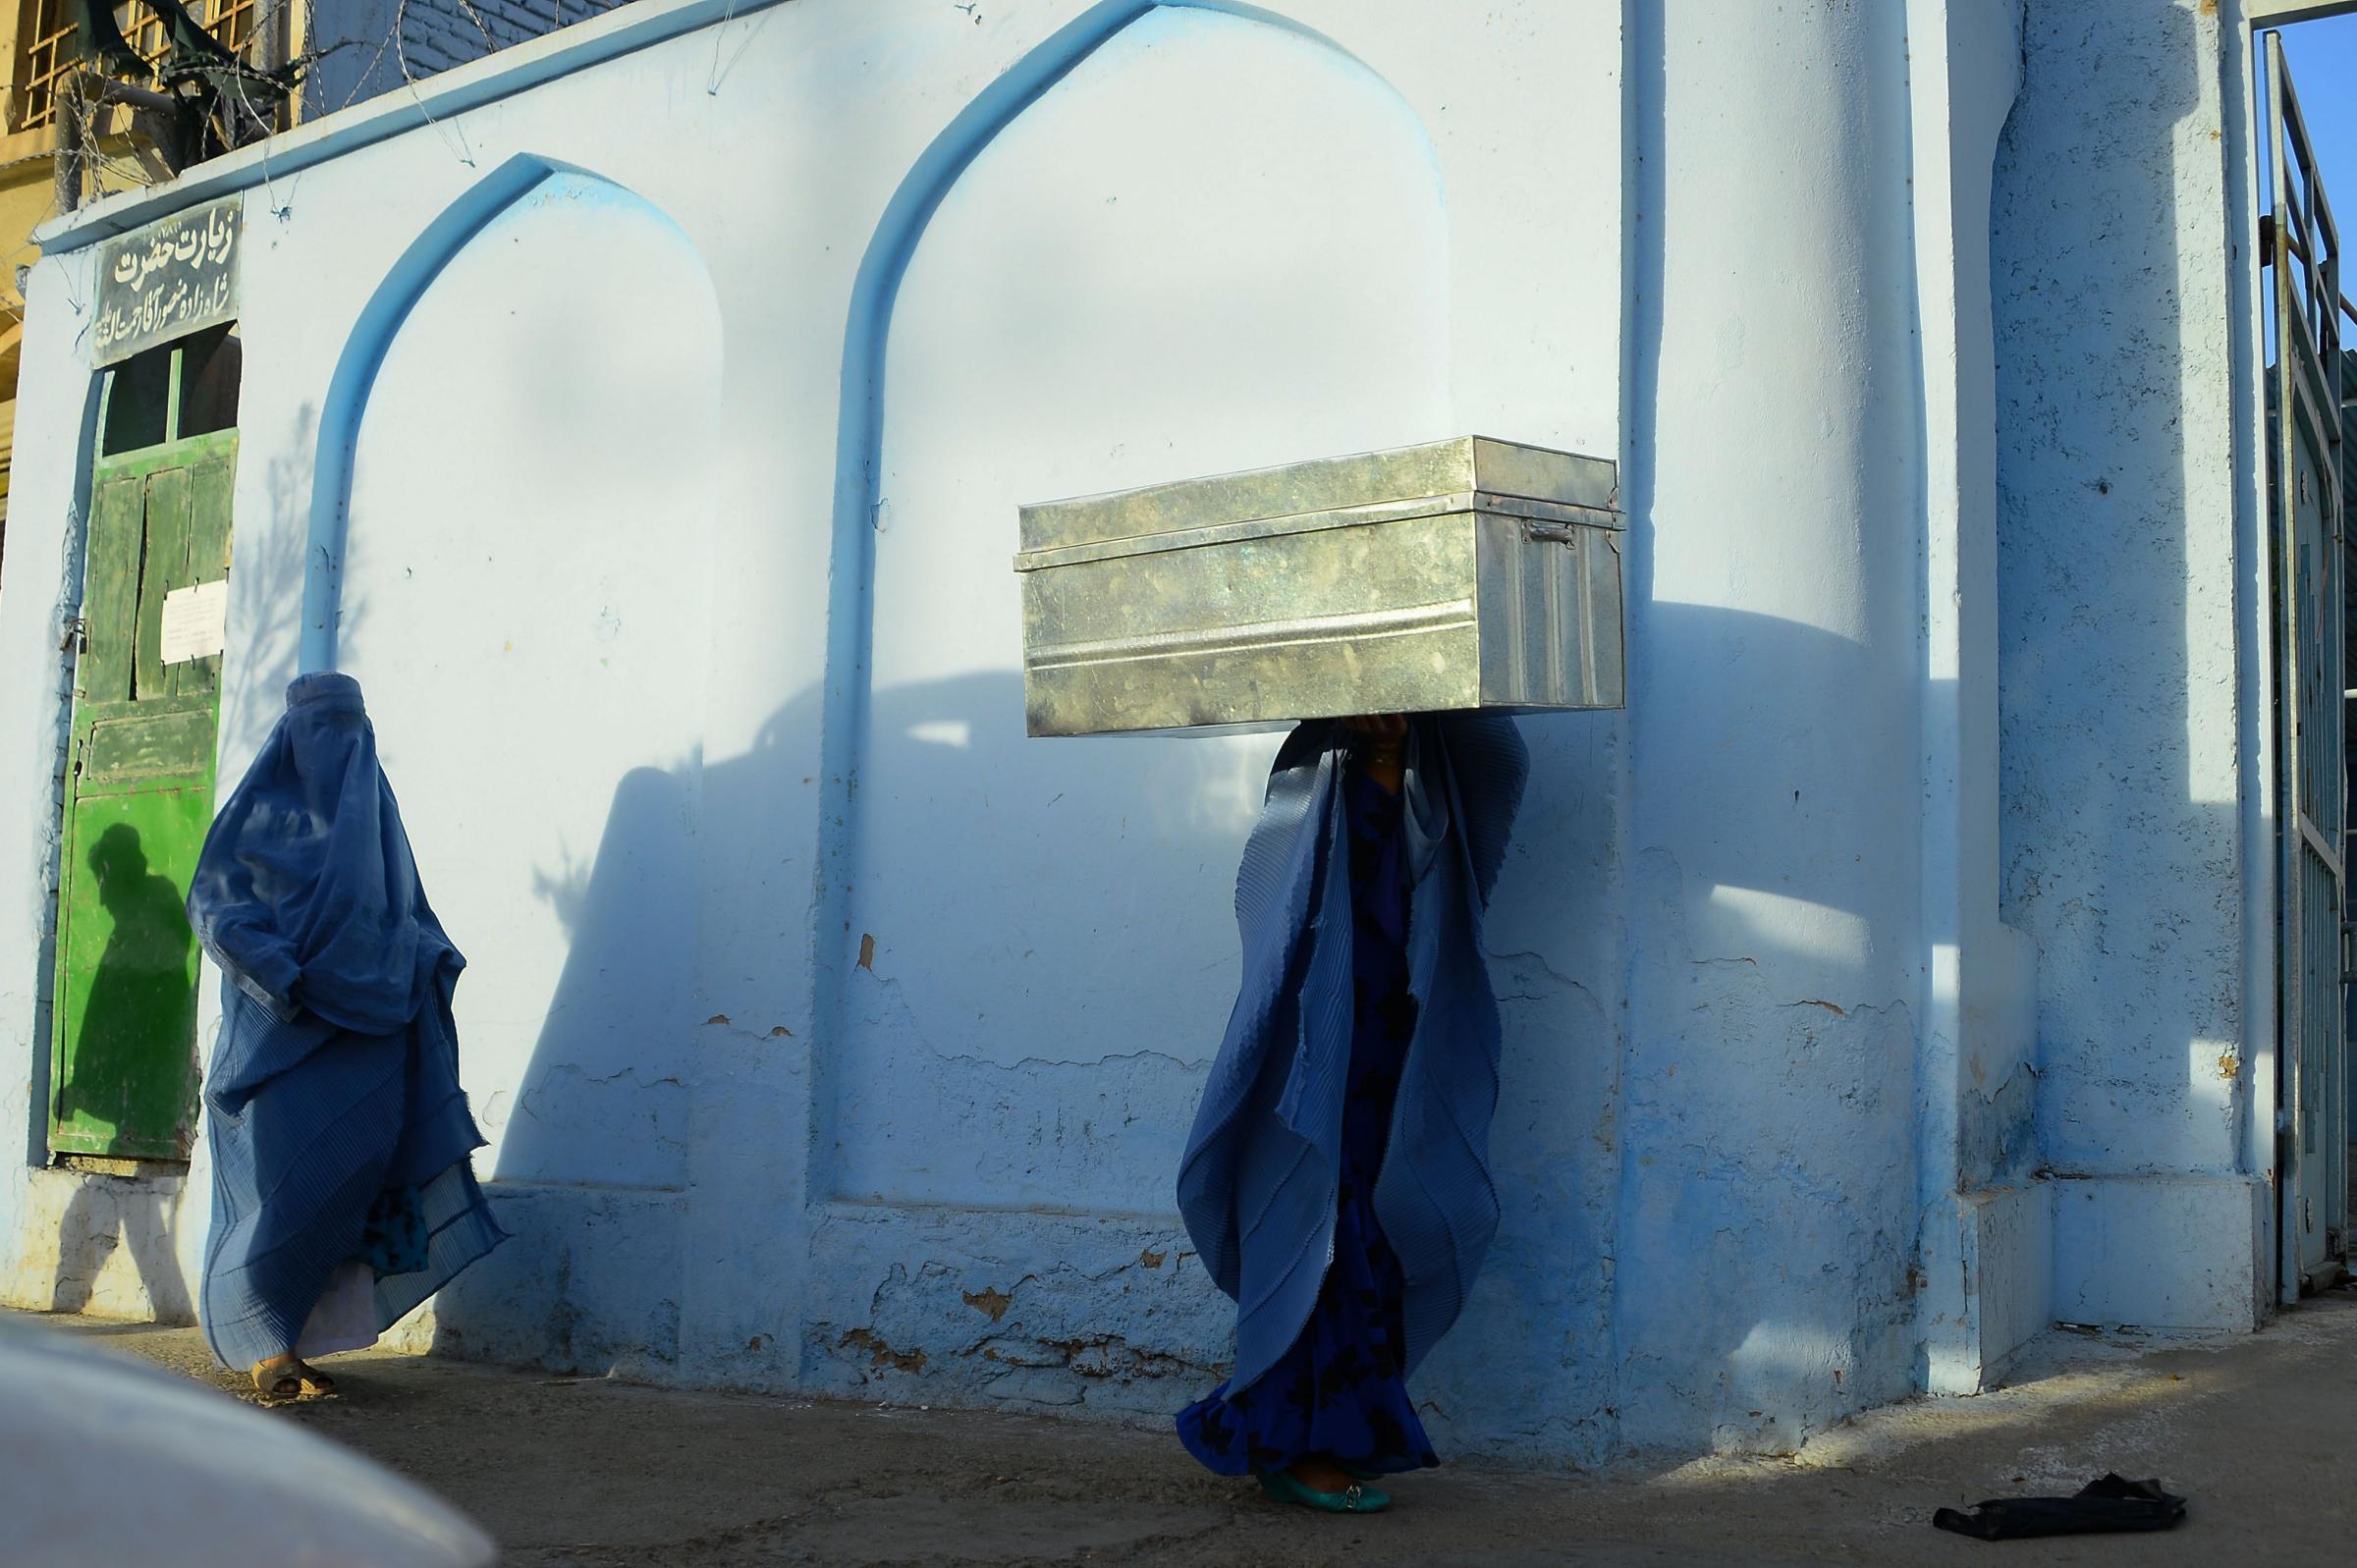 Due donne con il burqa attraversano le strade di Herat in Afghanistan (LaPresse)